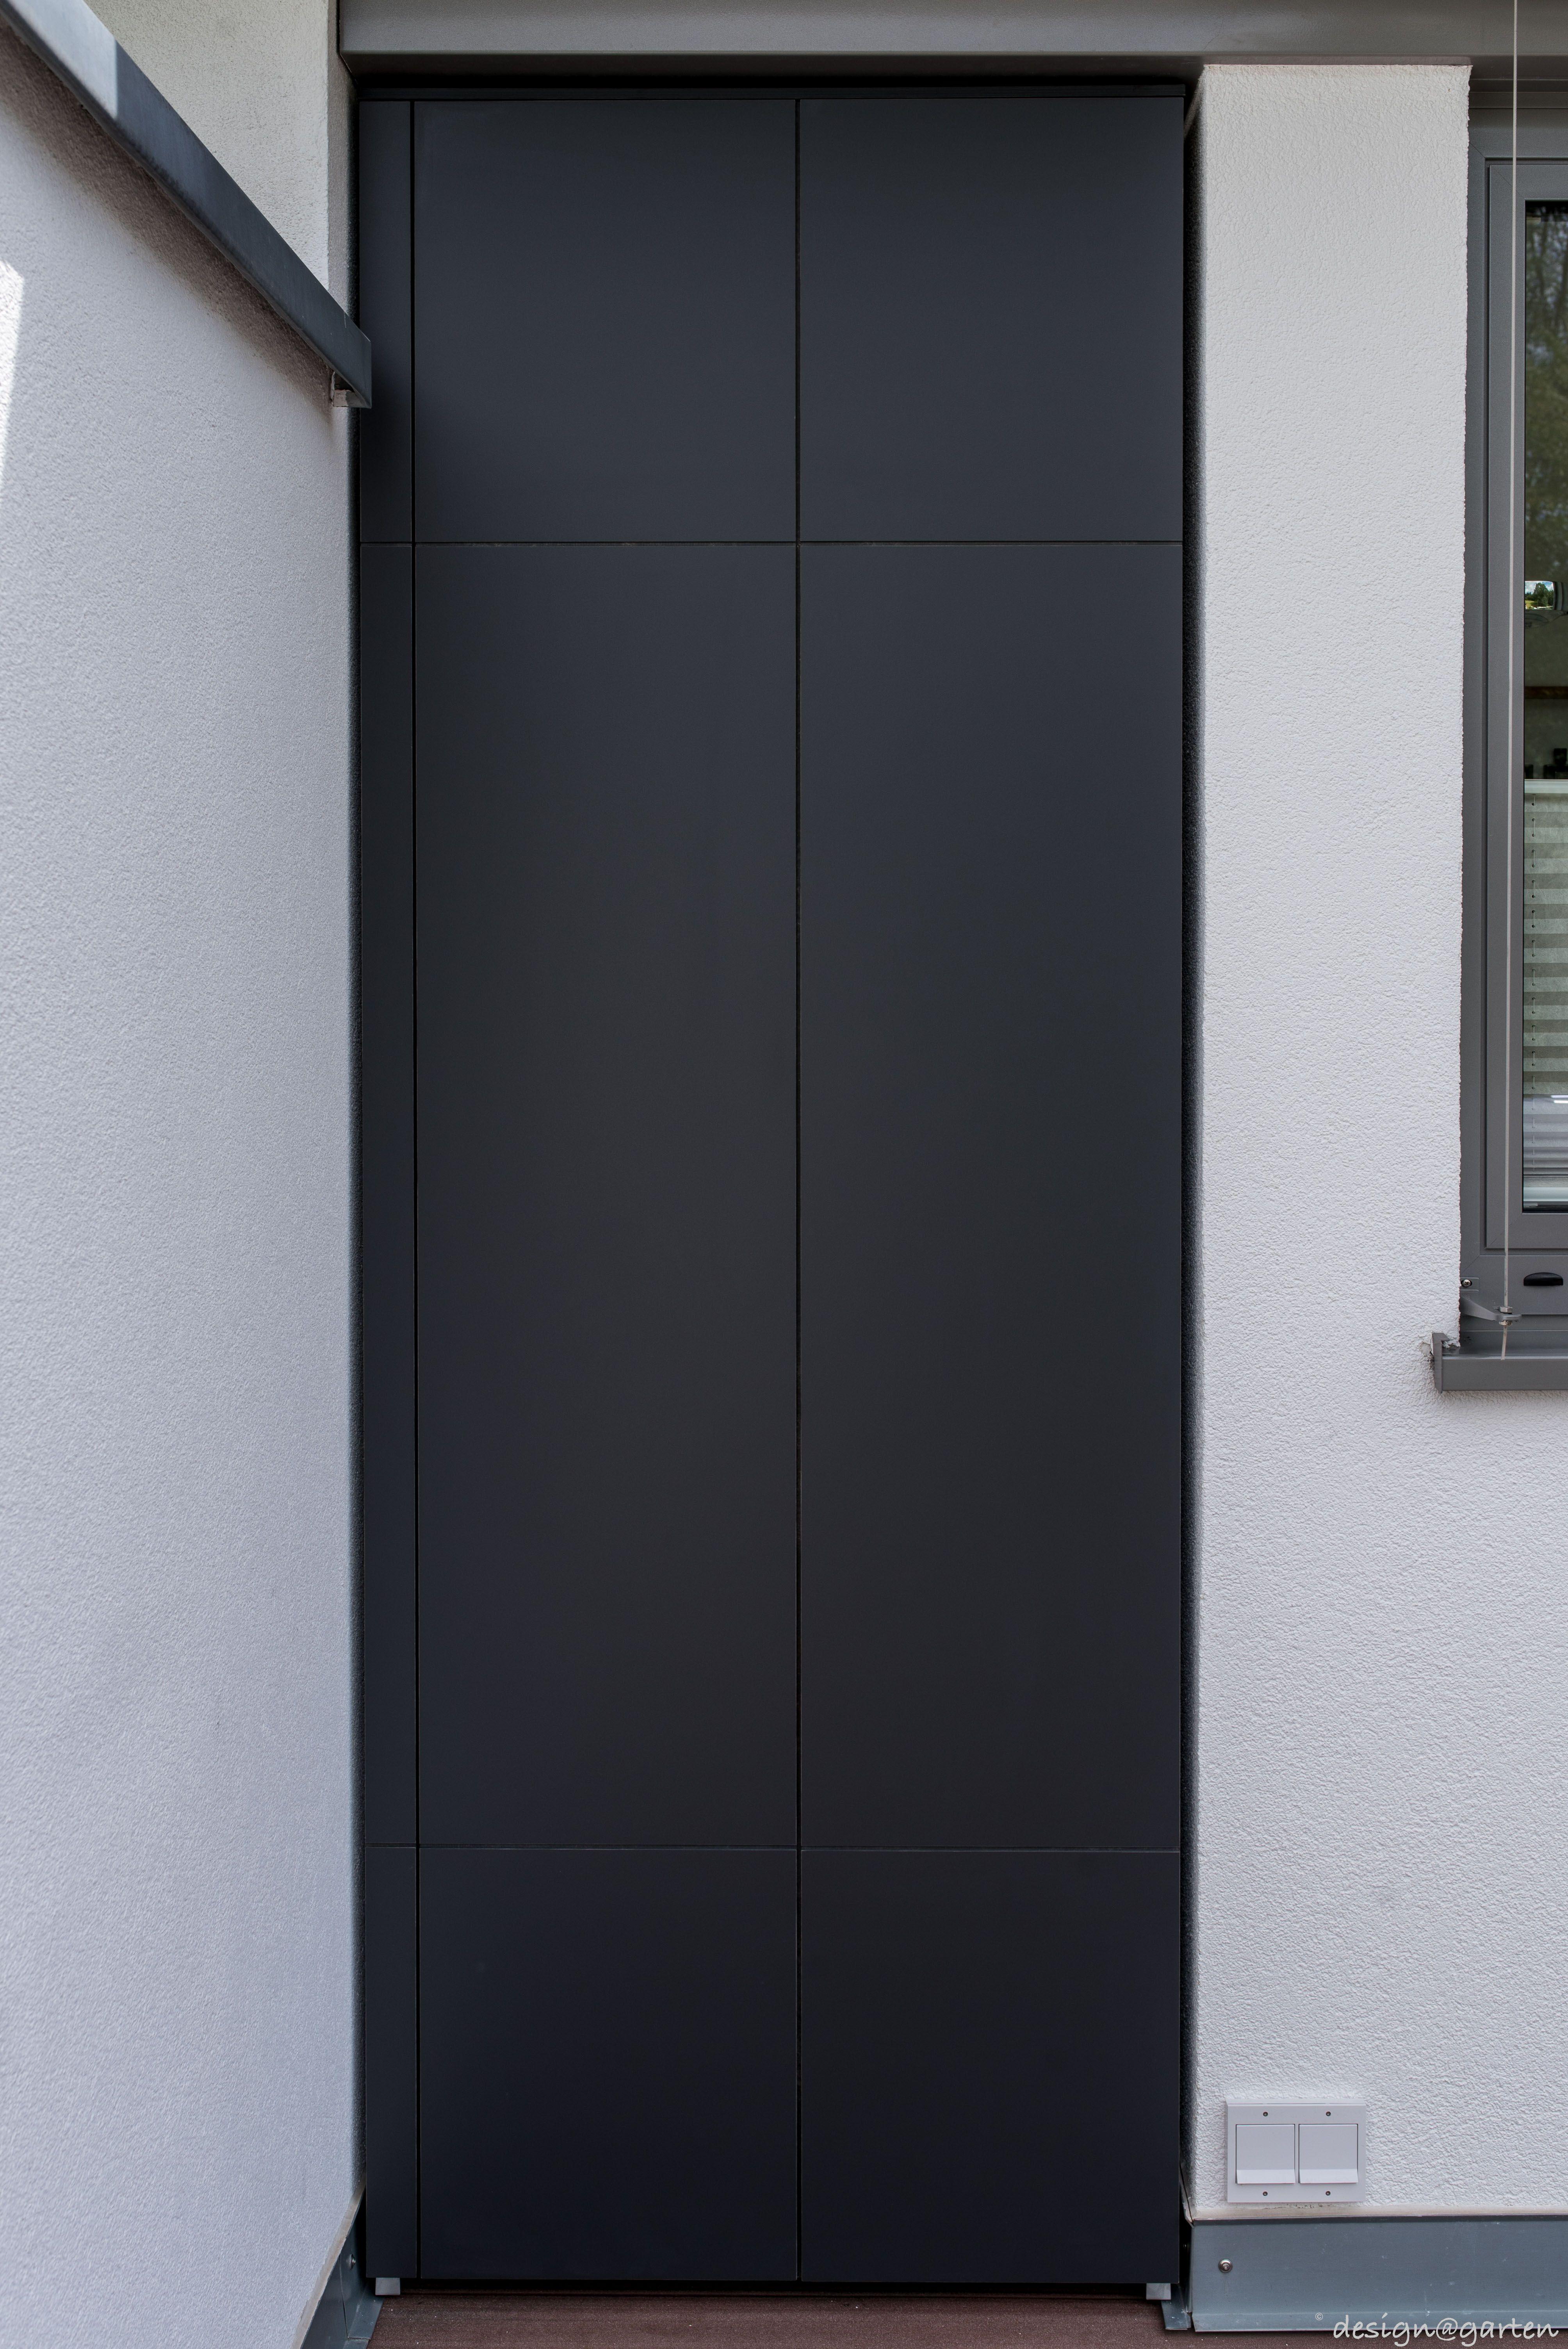 terrassenschrank nach ma wetterfest uv best ndig farbe anthrazit by design garten. Black Bedroom Furniture Sets. Home Design Ideas